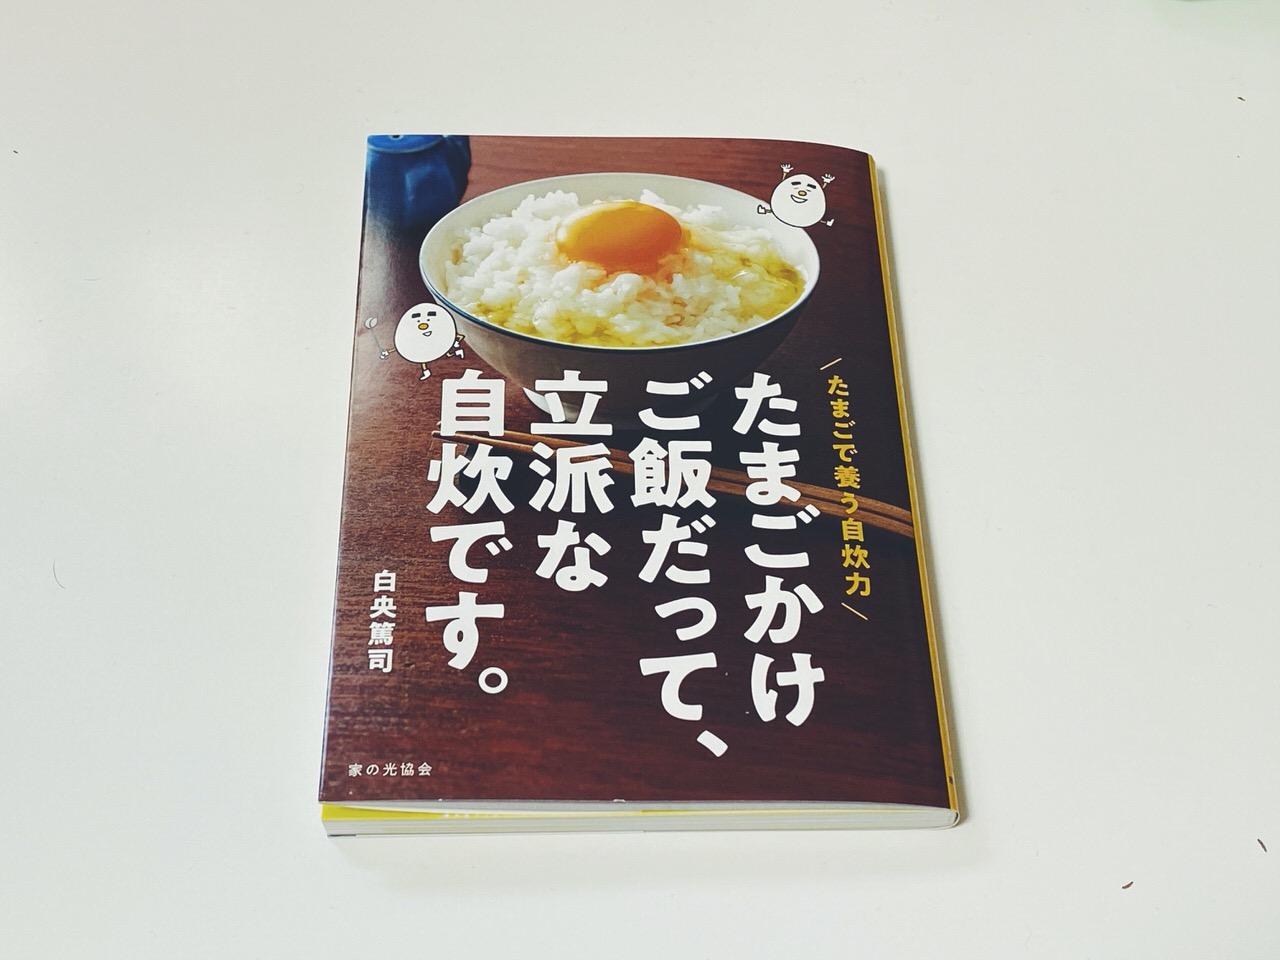 【書評】料理未経験者のための料理本「たまごかけご飯だって、立派な自炊です。」を読んで料理のハードルを徹底的に下げていく